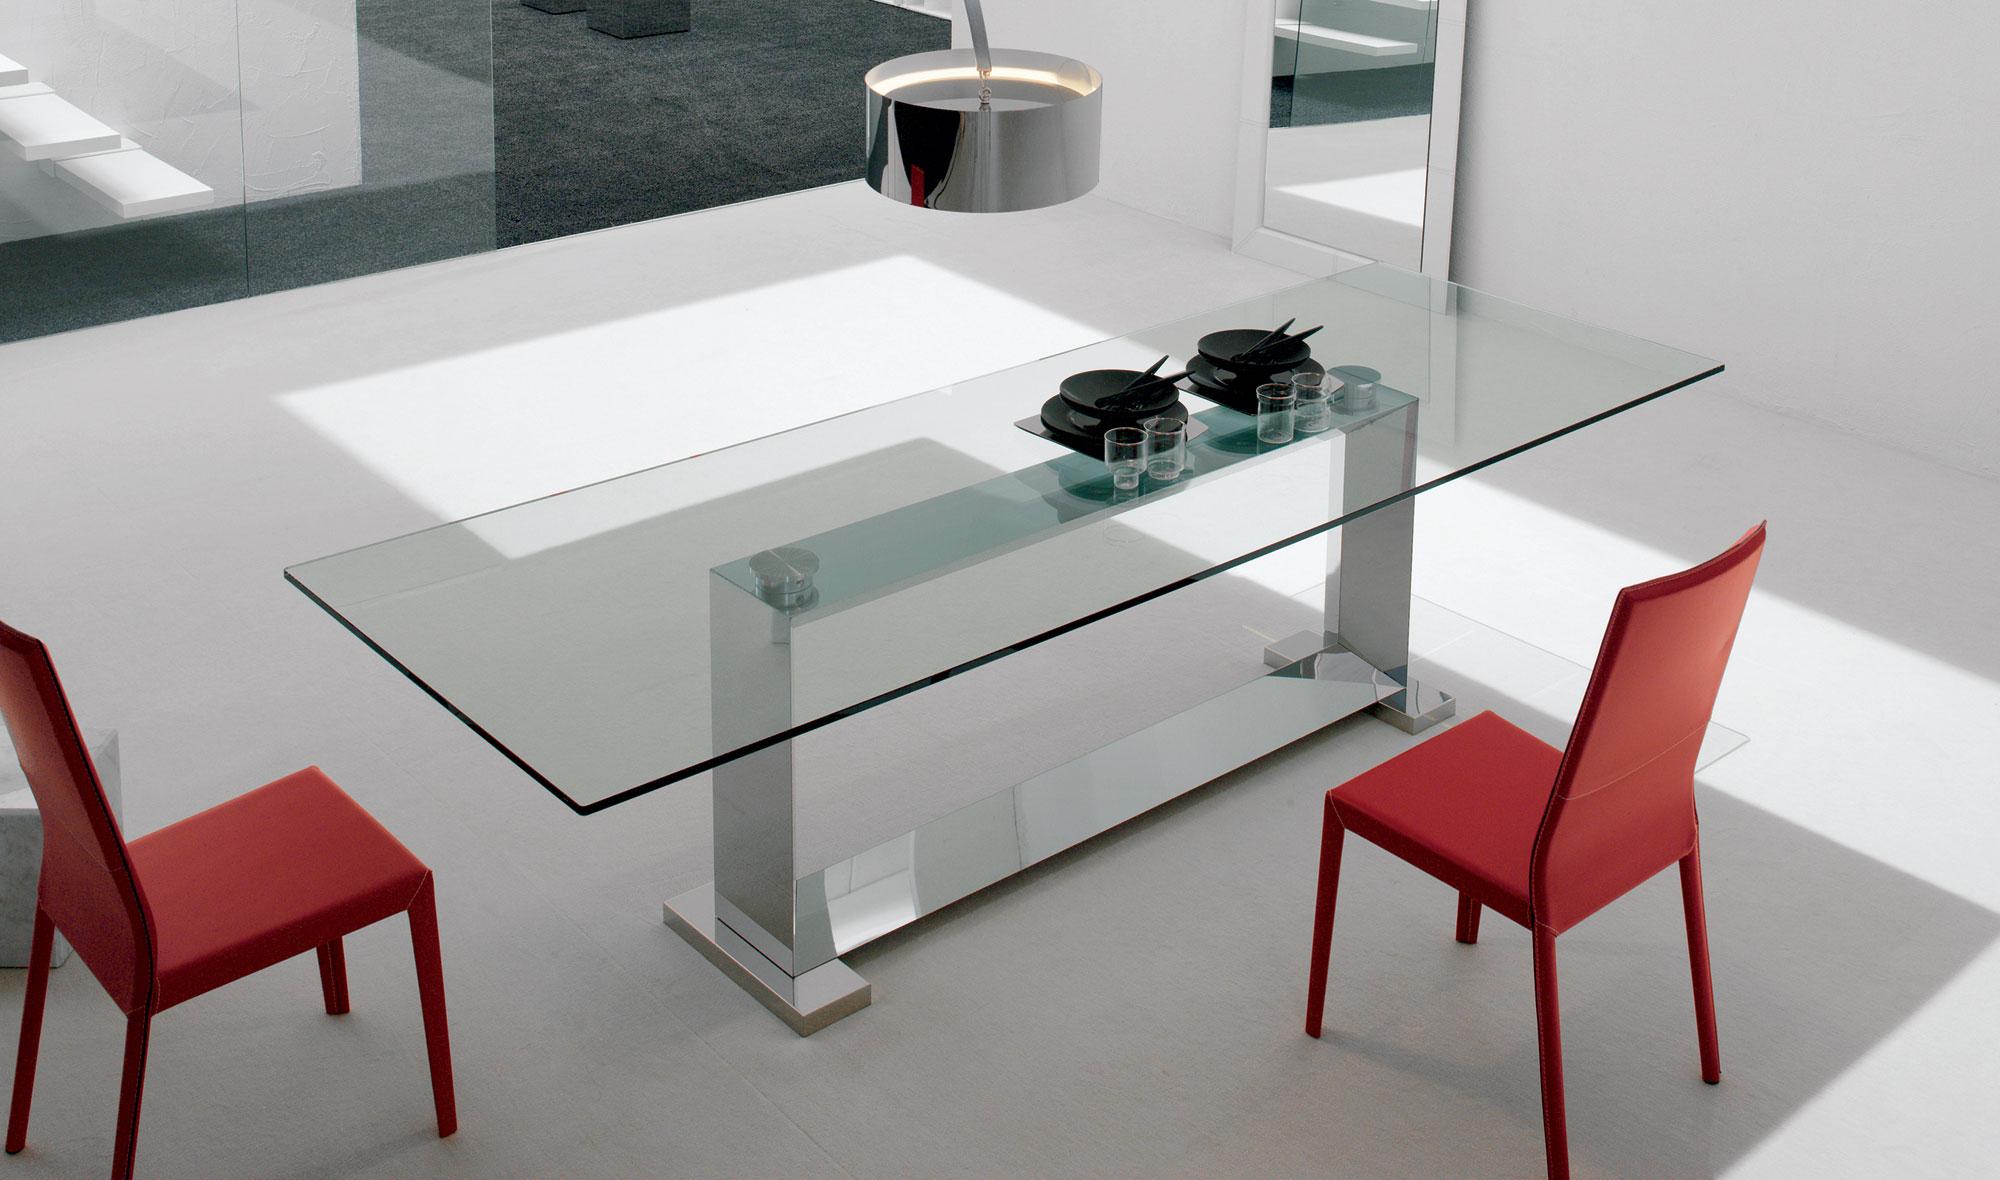 Mesa de comedor grande moderna monaco no disponible en - Mesas grandes de comedor ...